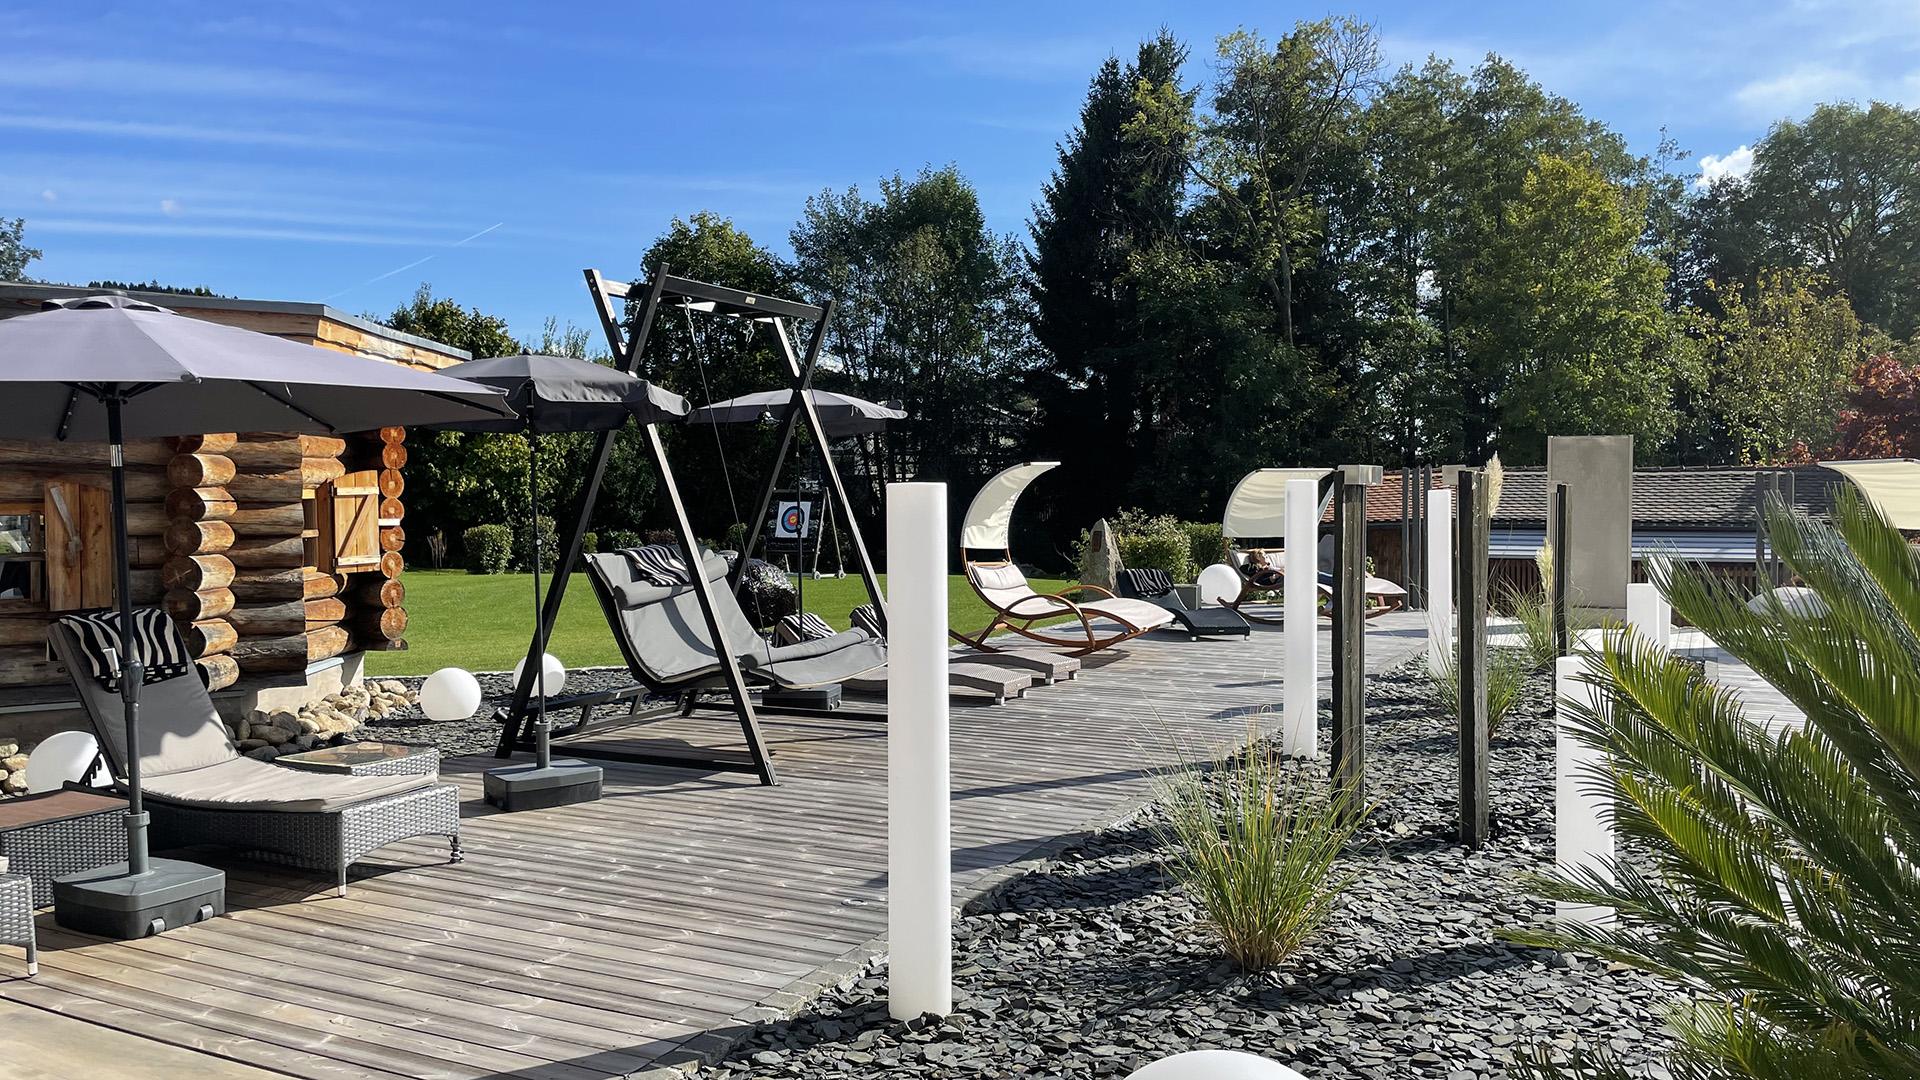 Odenwald Sterne Hotels Gbr